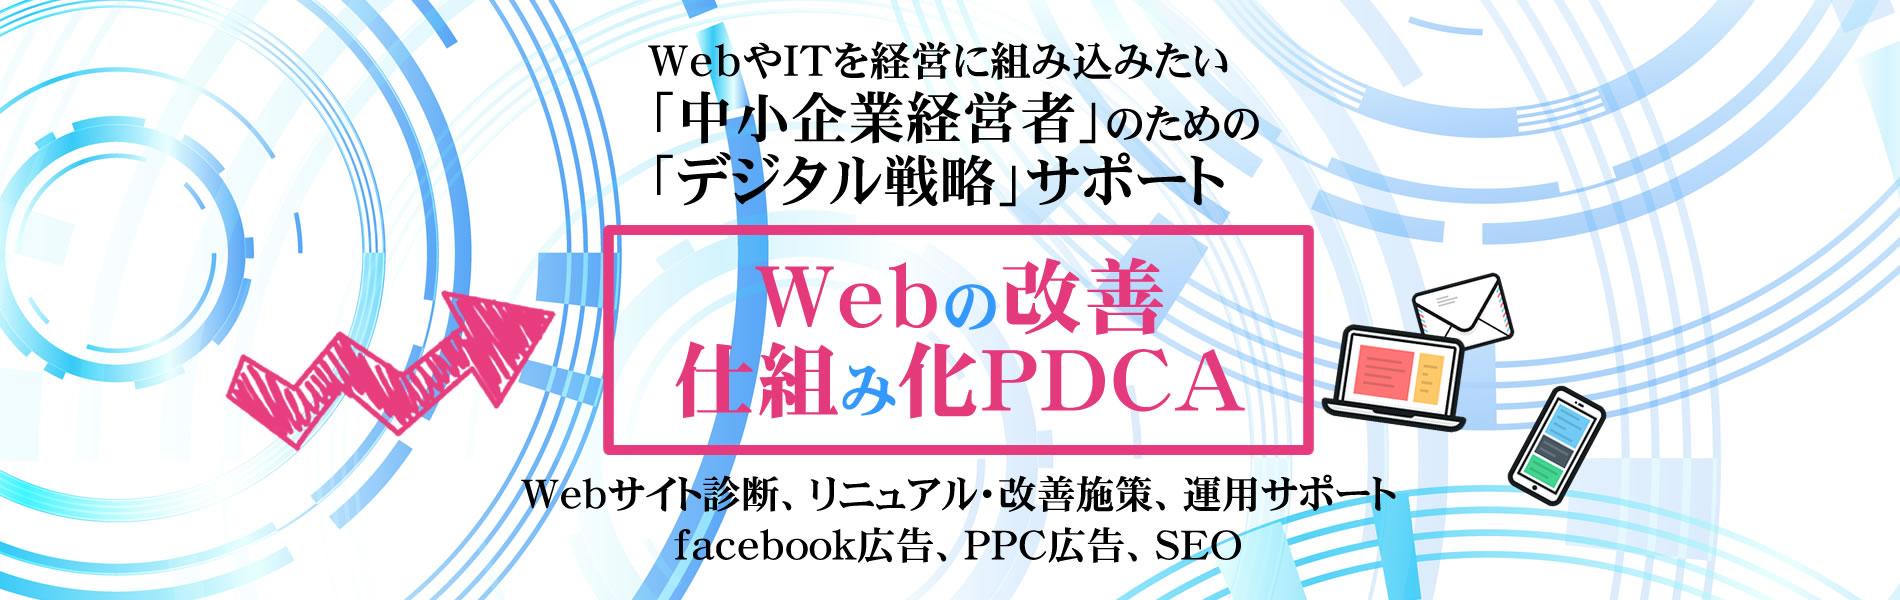 WebやITを経営に組み込みたい中小企業経営者のためのデジタル戦略サポート、Webの改善PDCA